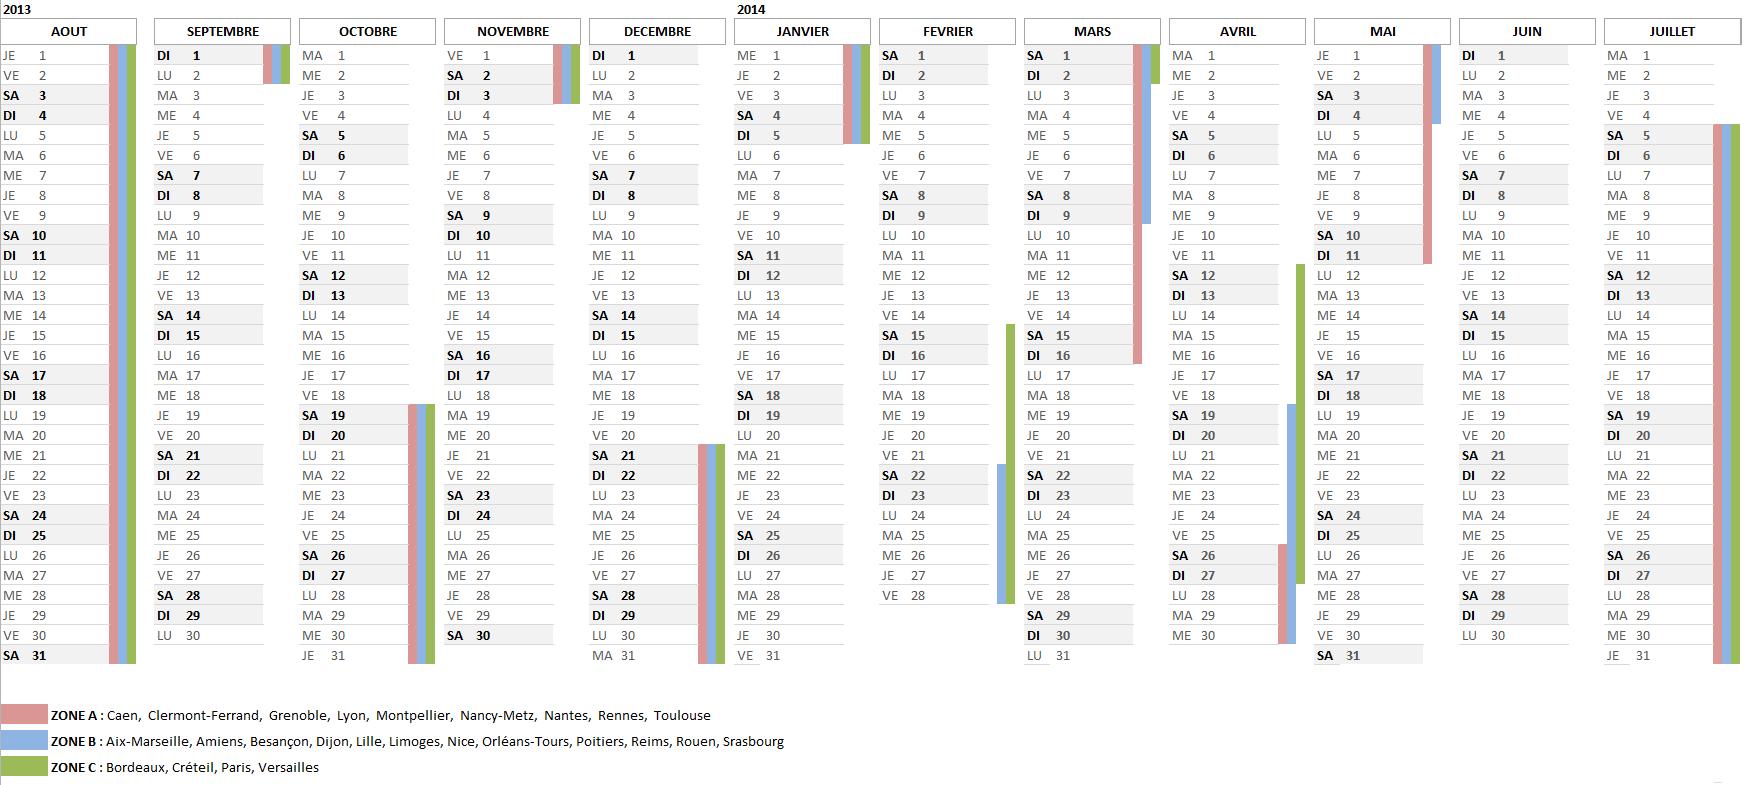 Calendrier scolaire pour l'année 2013-2014